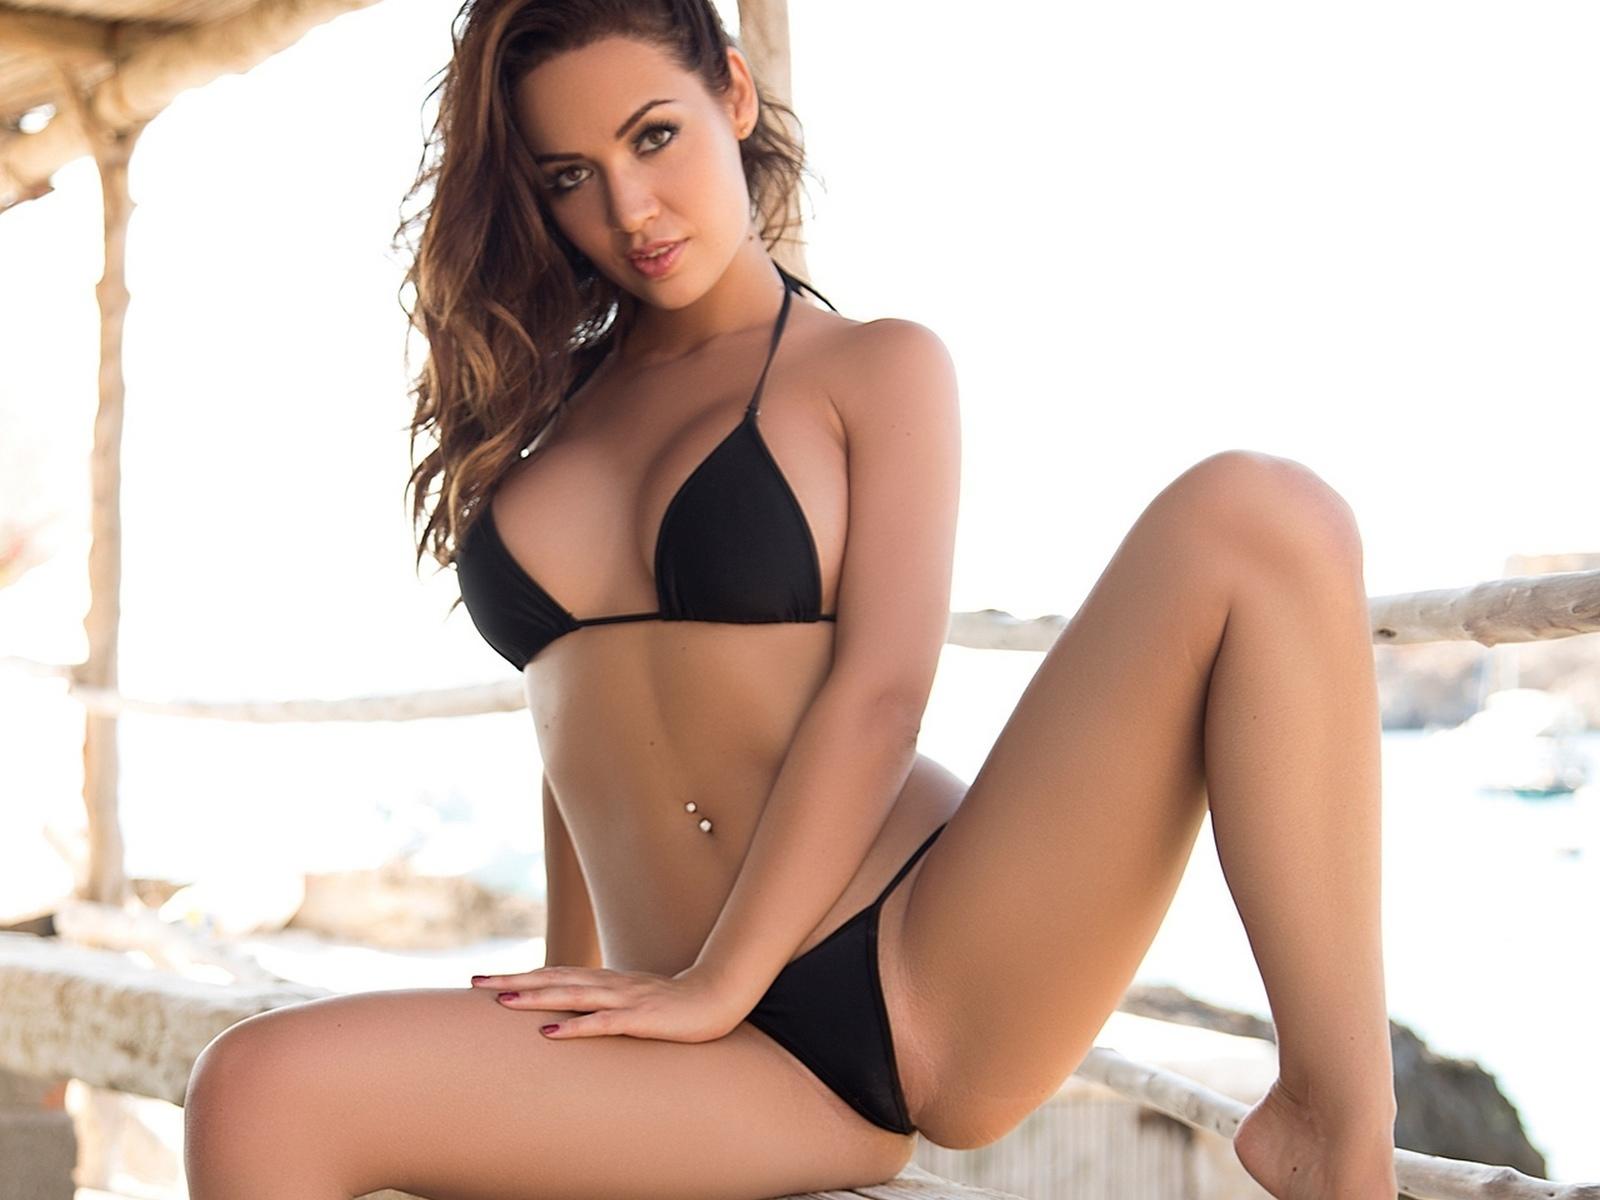 Pictures Of Adrienn Levai